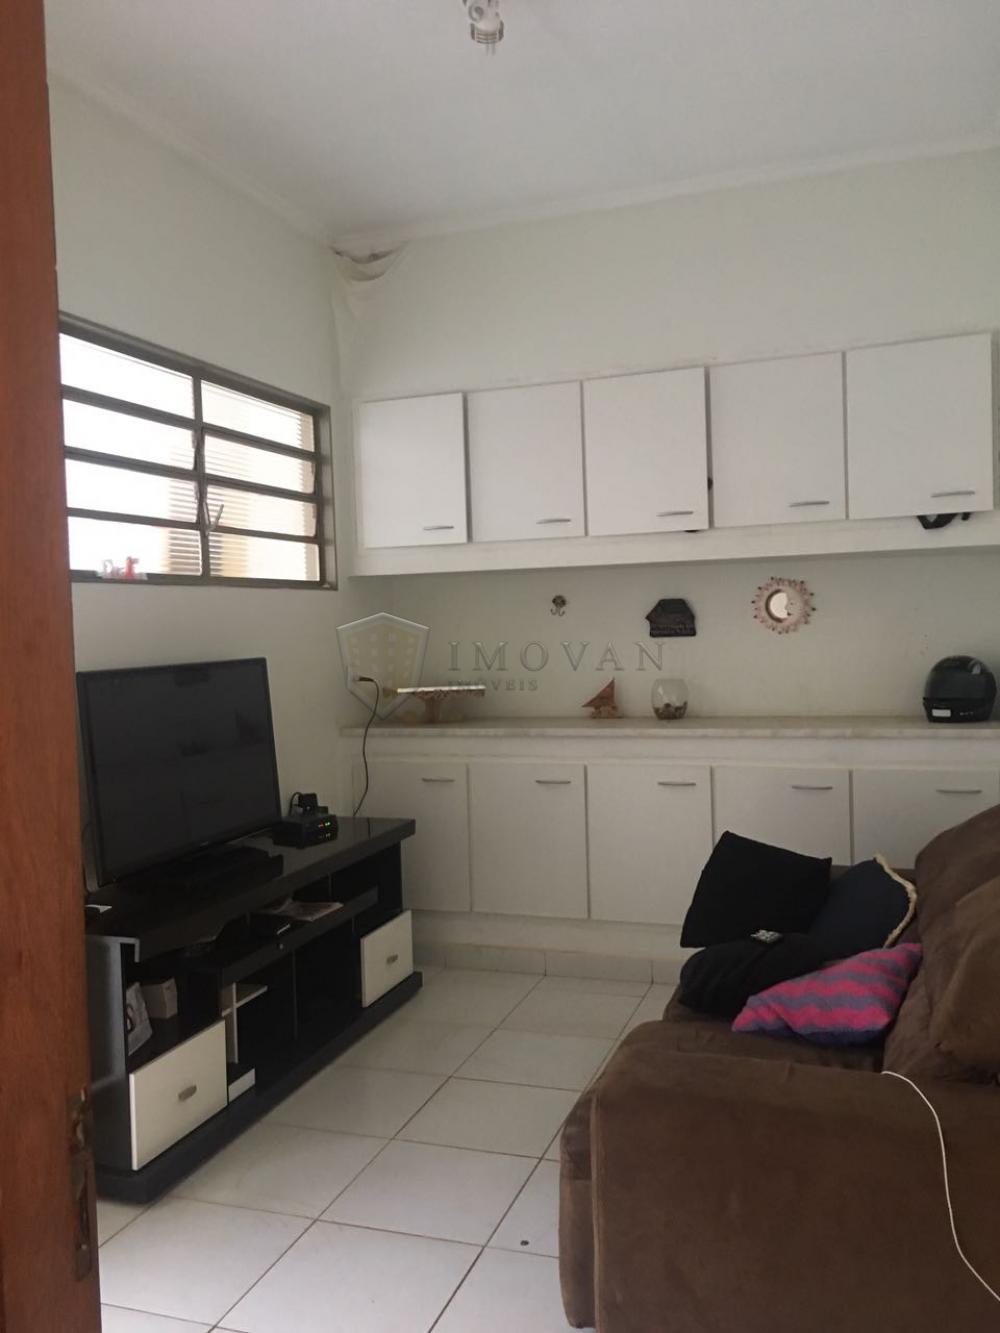 Alugar Casa / Padrão em Ribeirão Preto R$ 5.500,00 - Foto 1